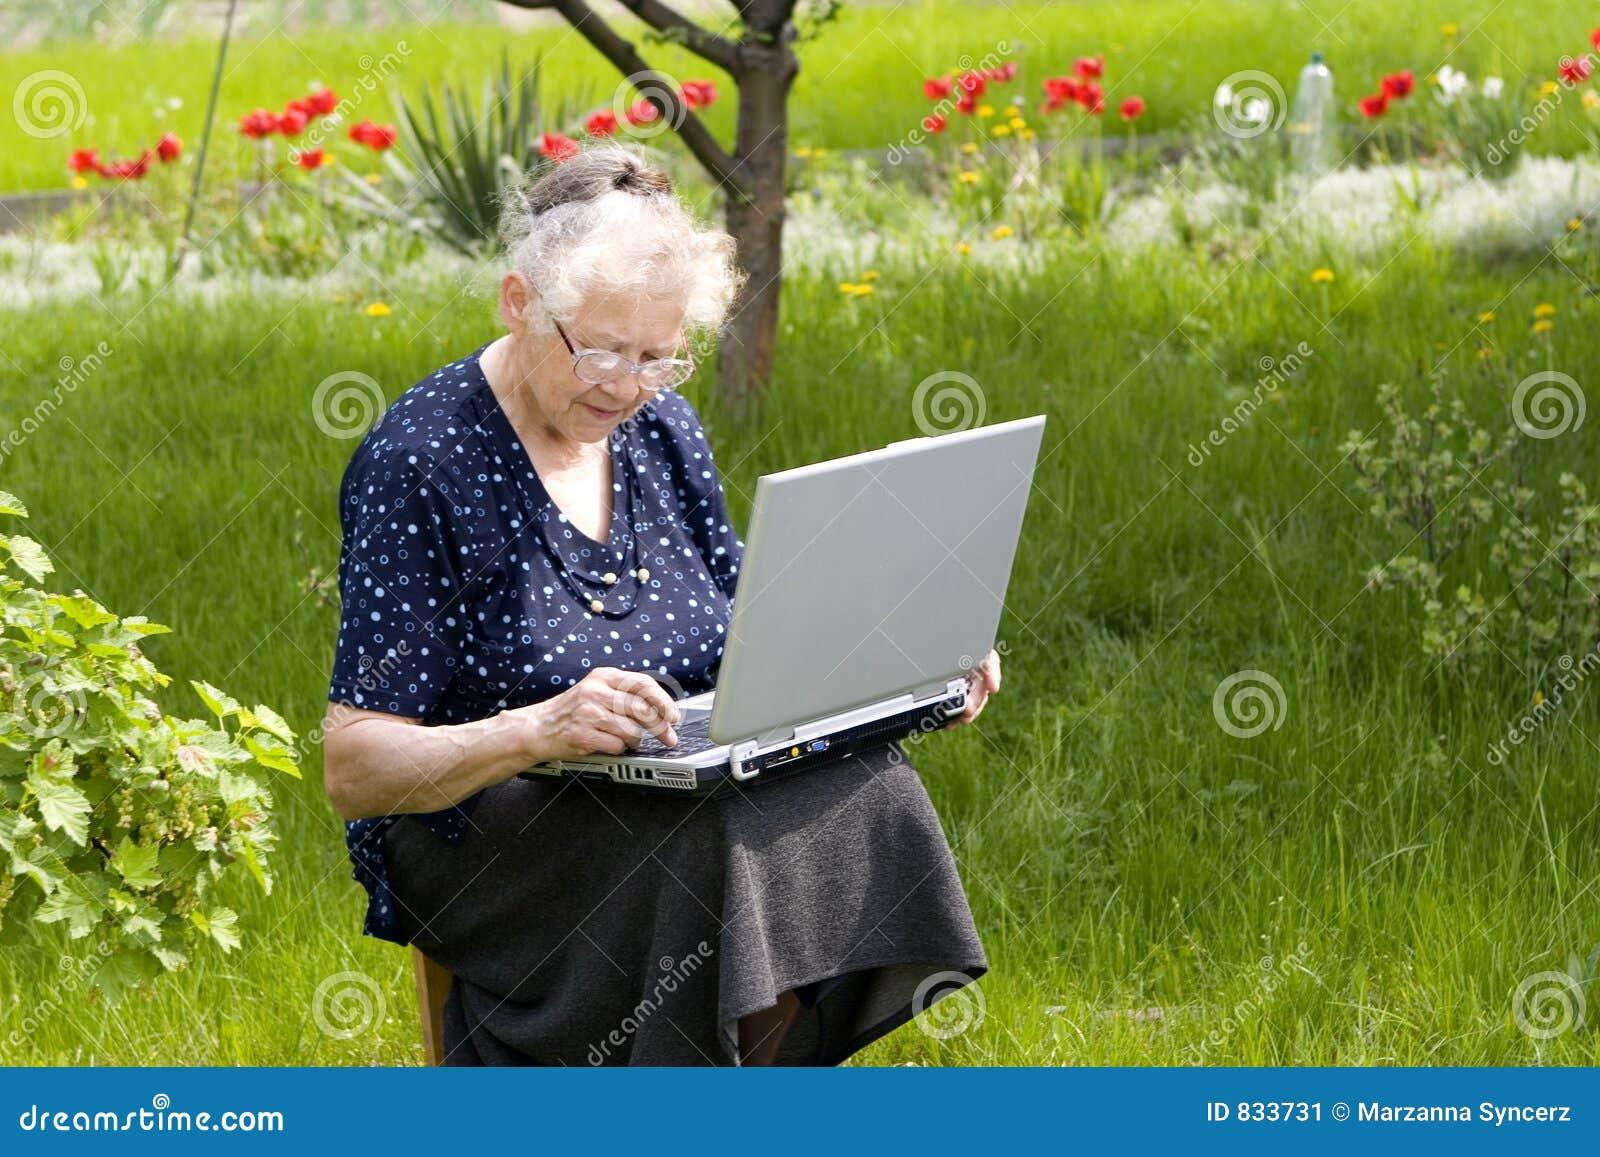 Grandma in garden